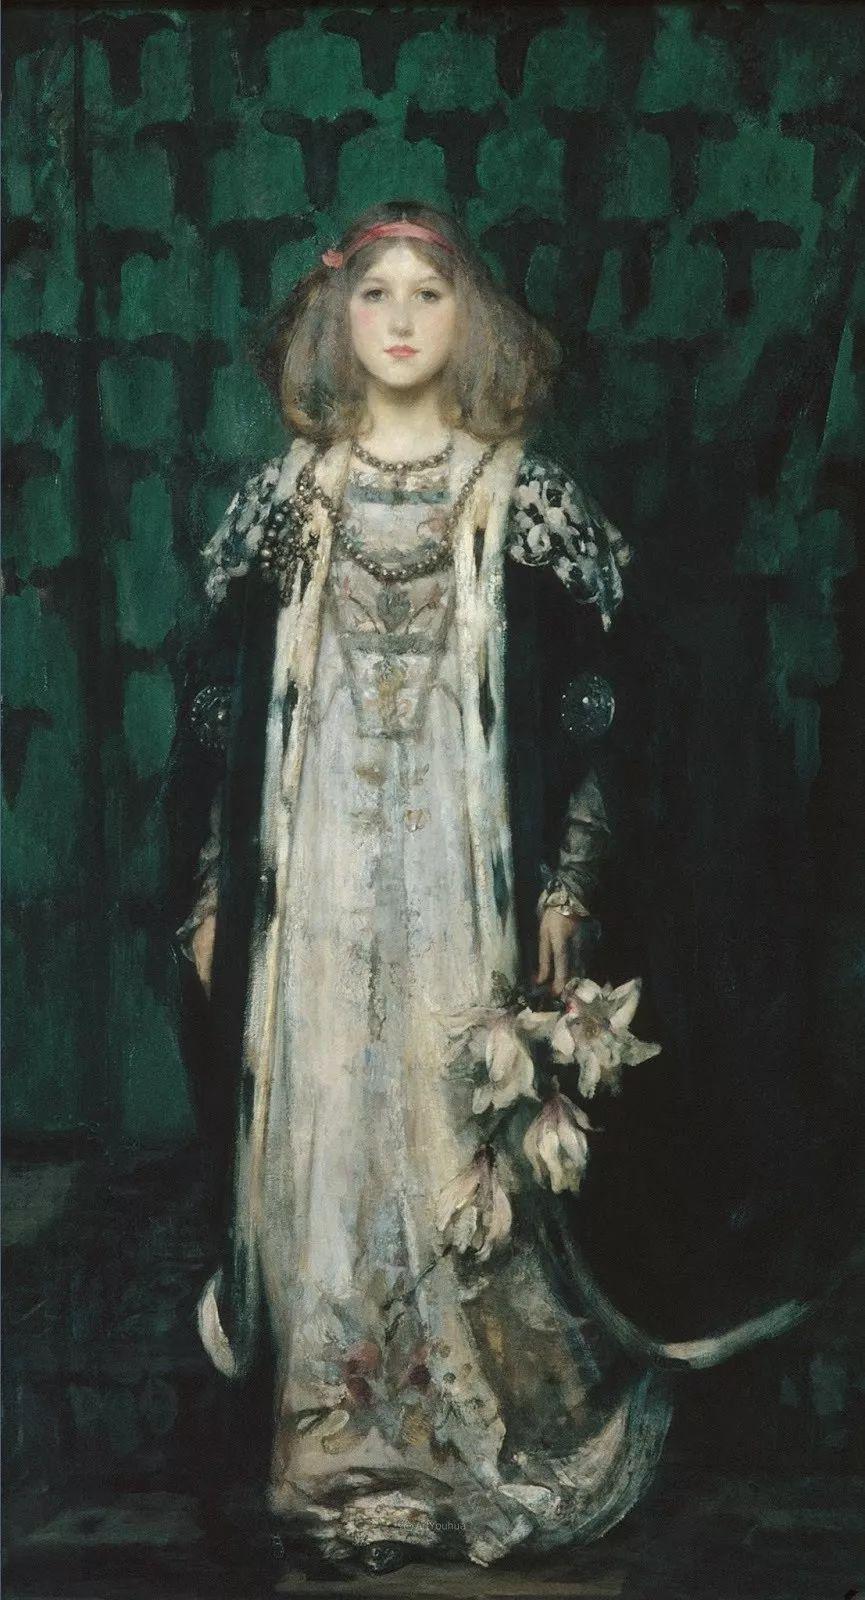 画家笔下苗条的女子,美丽优雅!英裔美国画家James Jebusa Shannon插图8